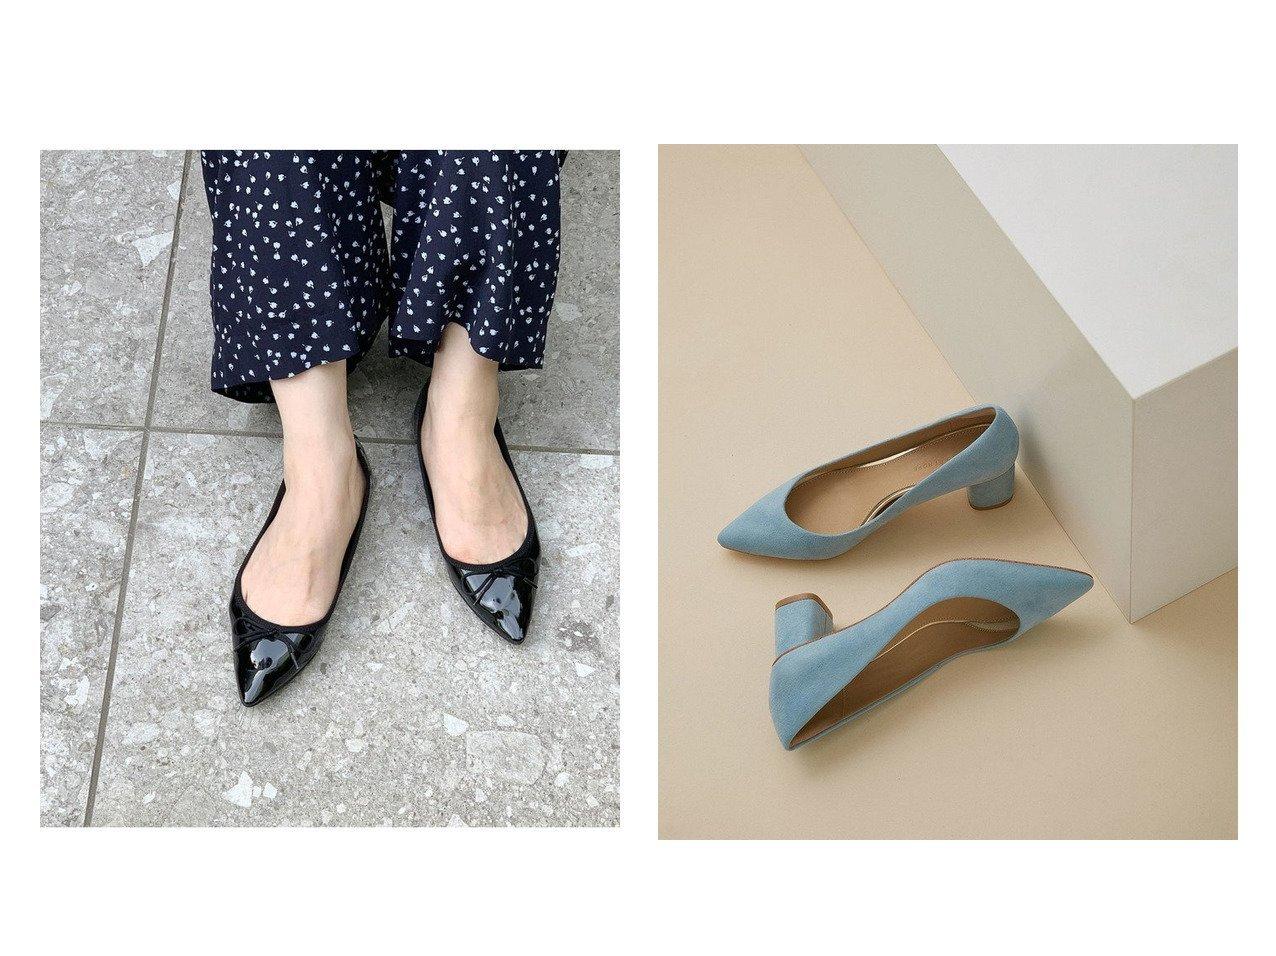 【ADAM ET ROPE'/アダム エ ロペ】のポーチ付きポインテッドレインバレエ&ブロックヒールボロネーゼパンプスカラー シューズ・靴のおすすめ!人気、トレンド・レディースファッションの通販 おすすめで人気の流行・トレンド、ファッションの通販商品 メンズファッション・キッズファッション・インテリア・家具・レディースファッション・服の通販 founy(ファニー) https://founy.com/ ファッション Fashion レディースファッション WOMEN ポーチ Pouches クッション コンパクト 今季 シューズ スタイリッシュ スリッパ ポーチ 春 Spring スエード ストッキング タイツ トレンド 定番 Standard バランス パイピング フィット ブロック ベーシック S/S 春夏 SS Spring/Summer |ID:crp329100000023327